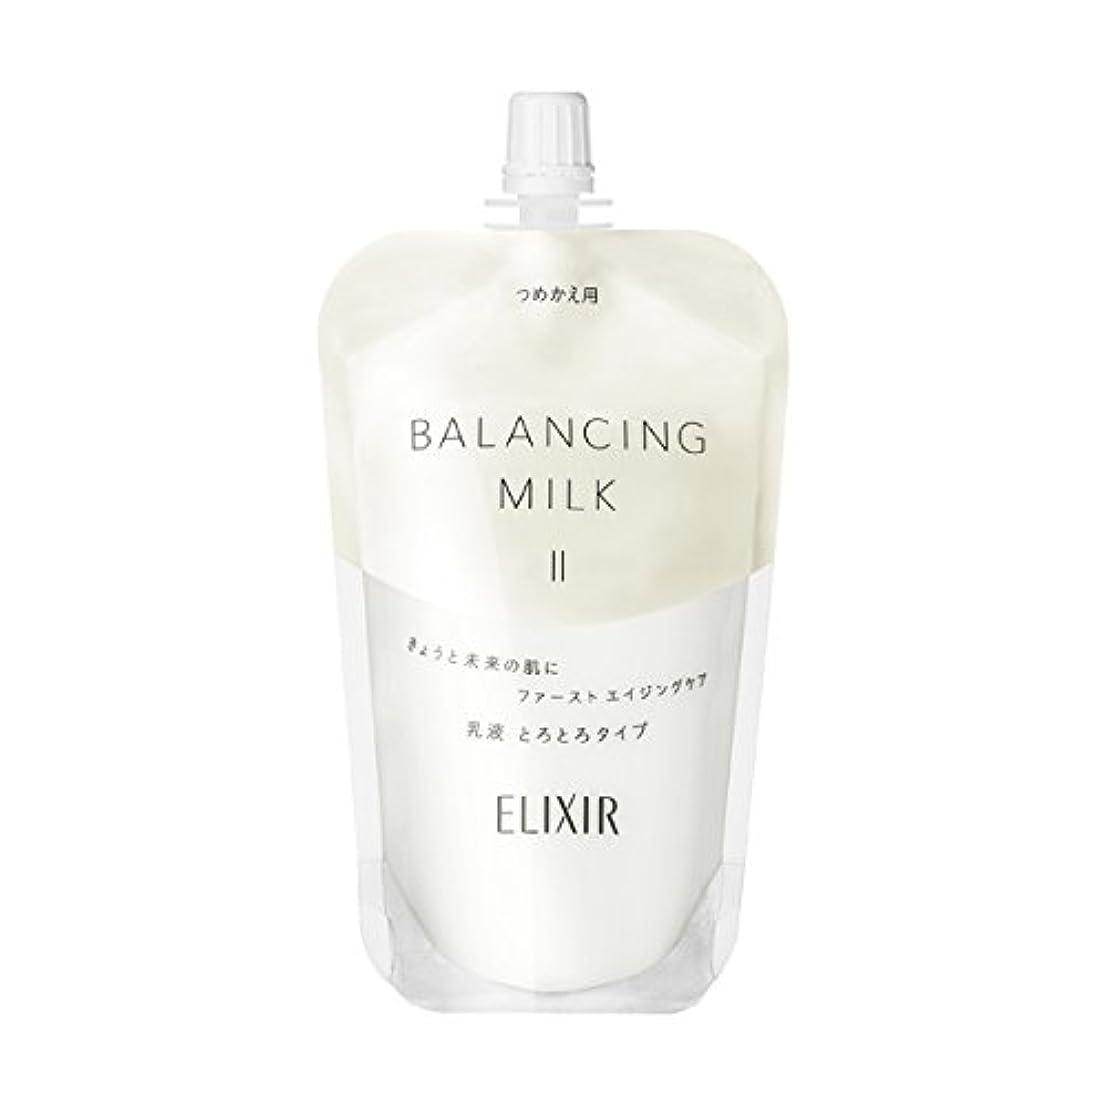 ダッシュ理解エピソードエリクシール ルフレ バランシング ミルク 乳液 2 (とろとろタイプ) (つめかえ用) 110mL